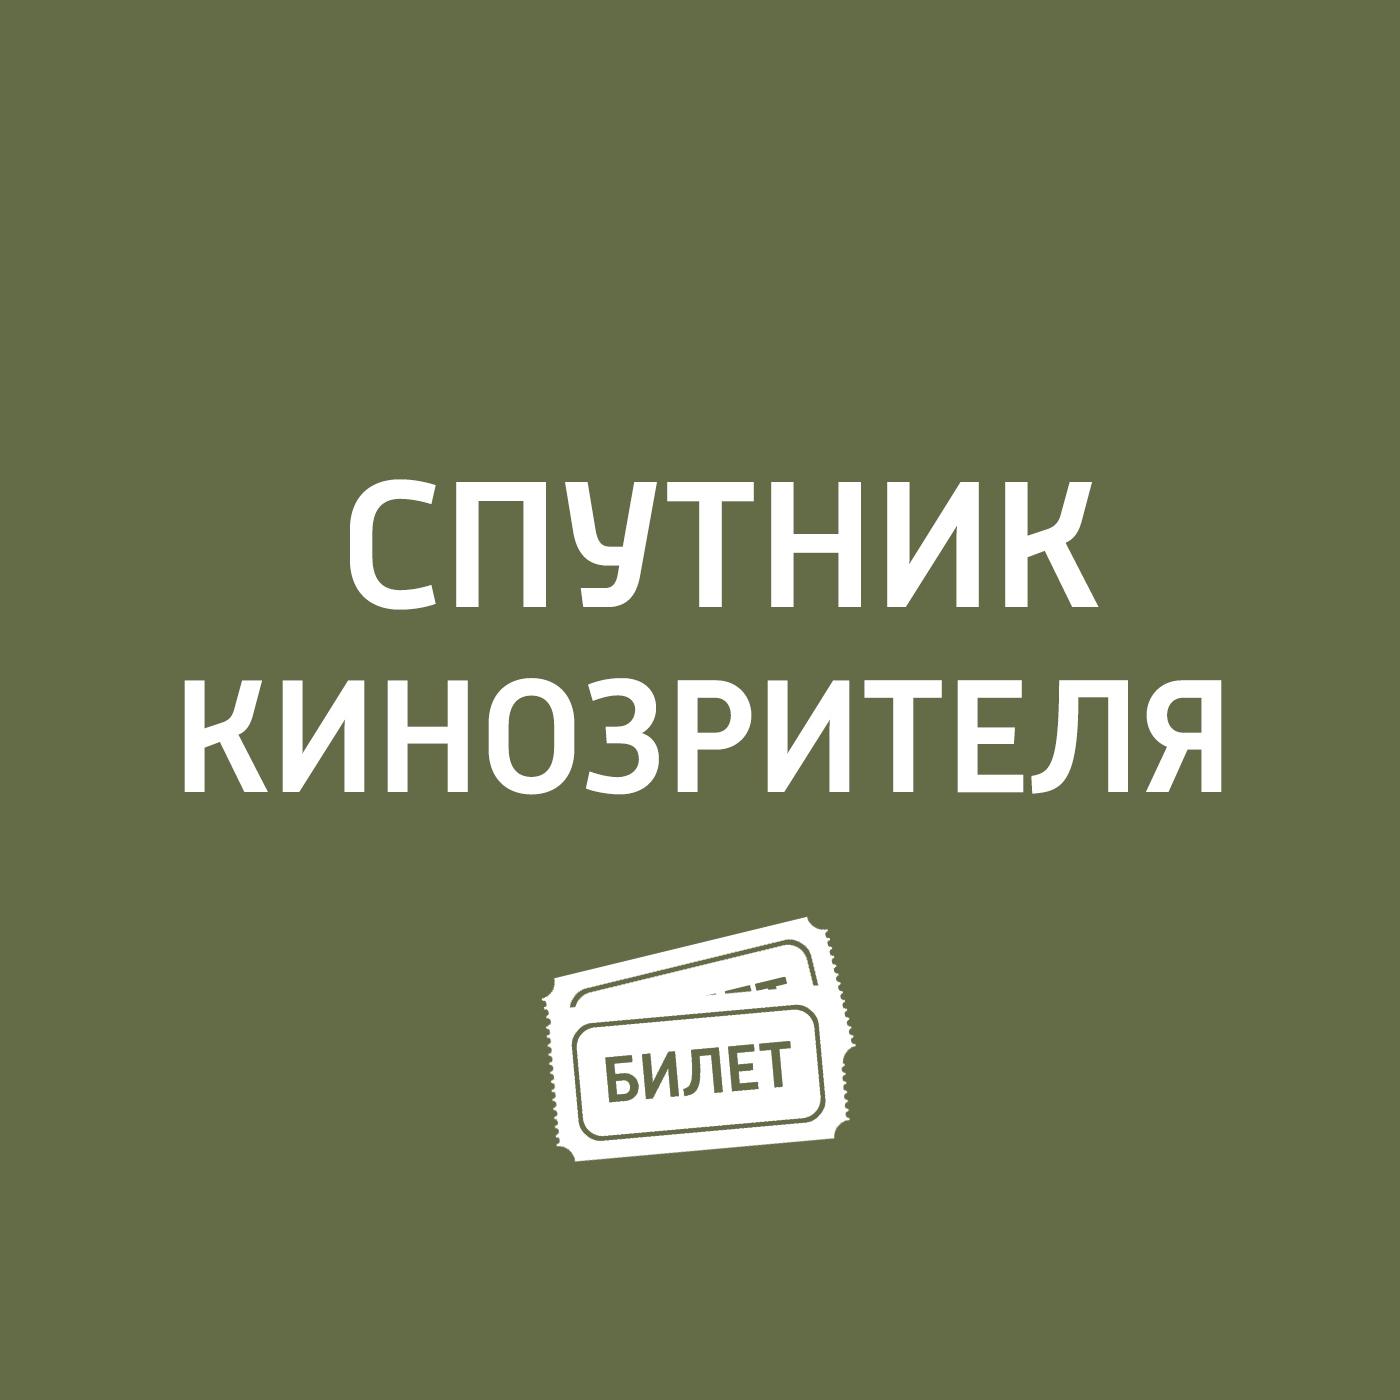 Антон Долин Премьеры: Мстители: Война бесконечности; Такси 5; Анон; Красавица для чудовища